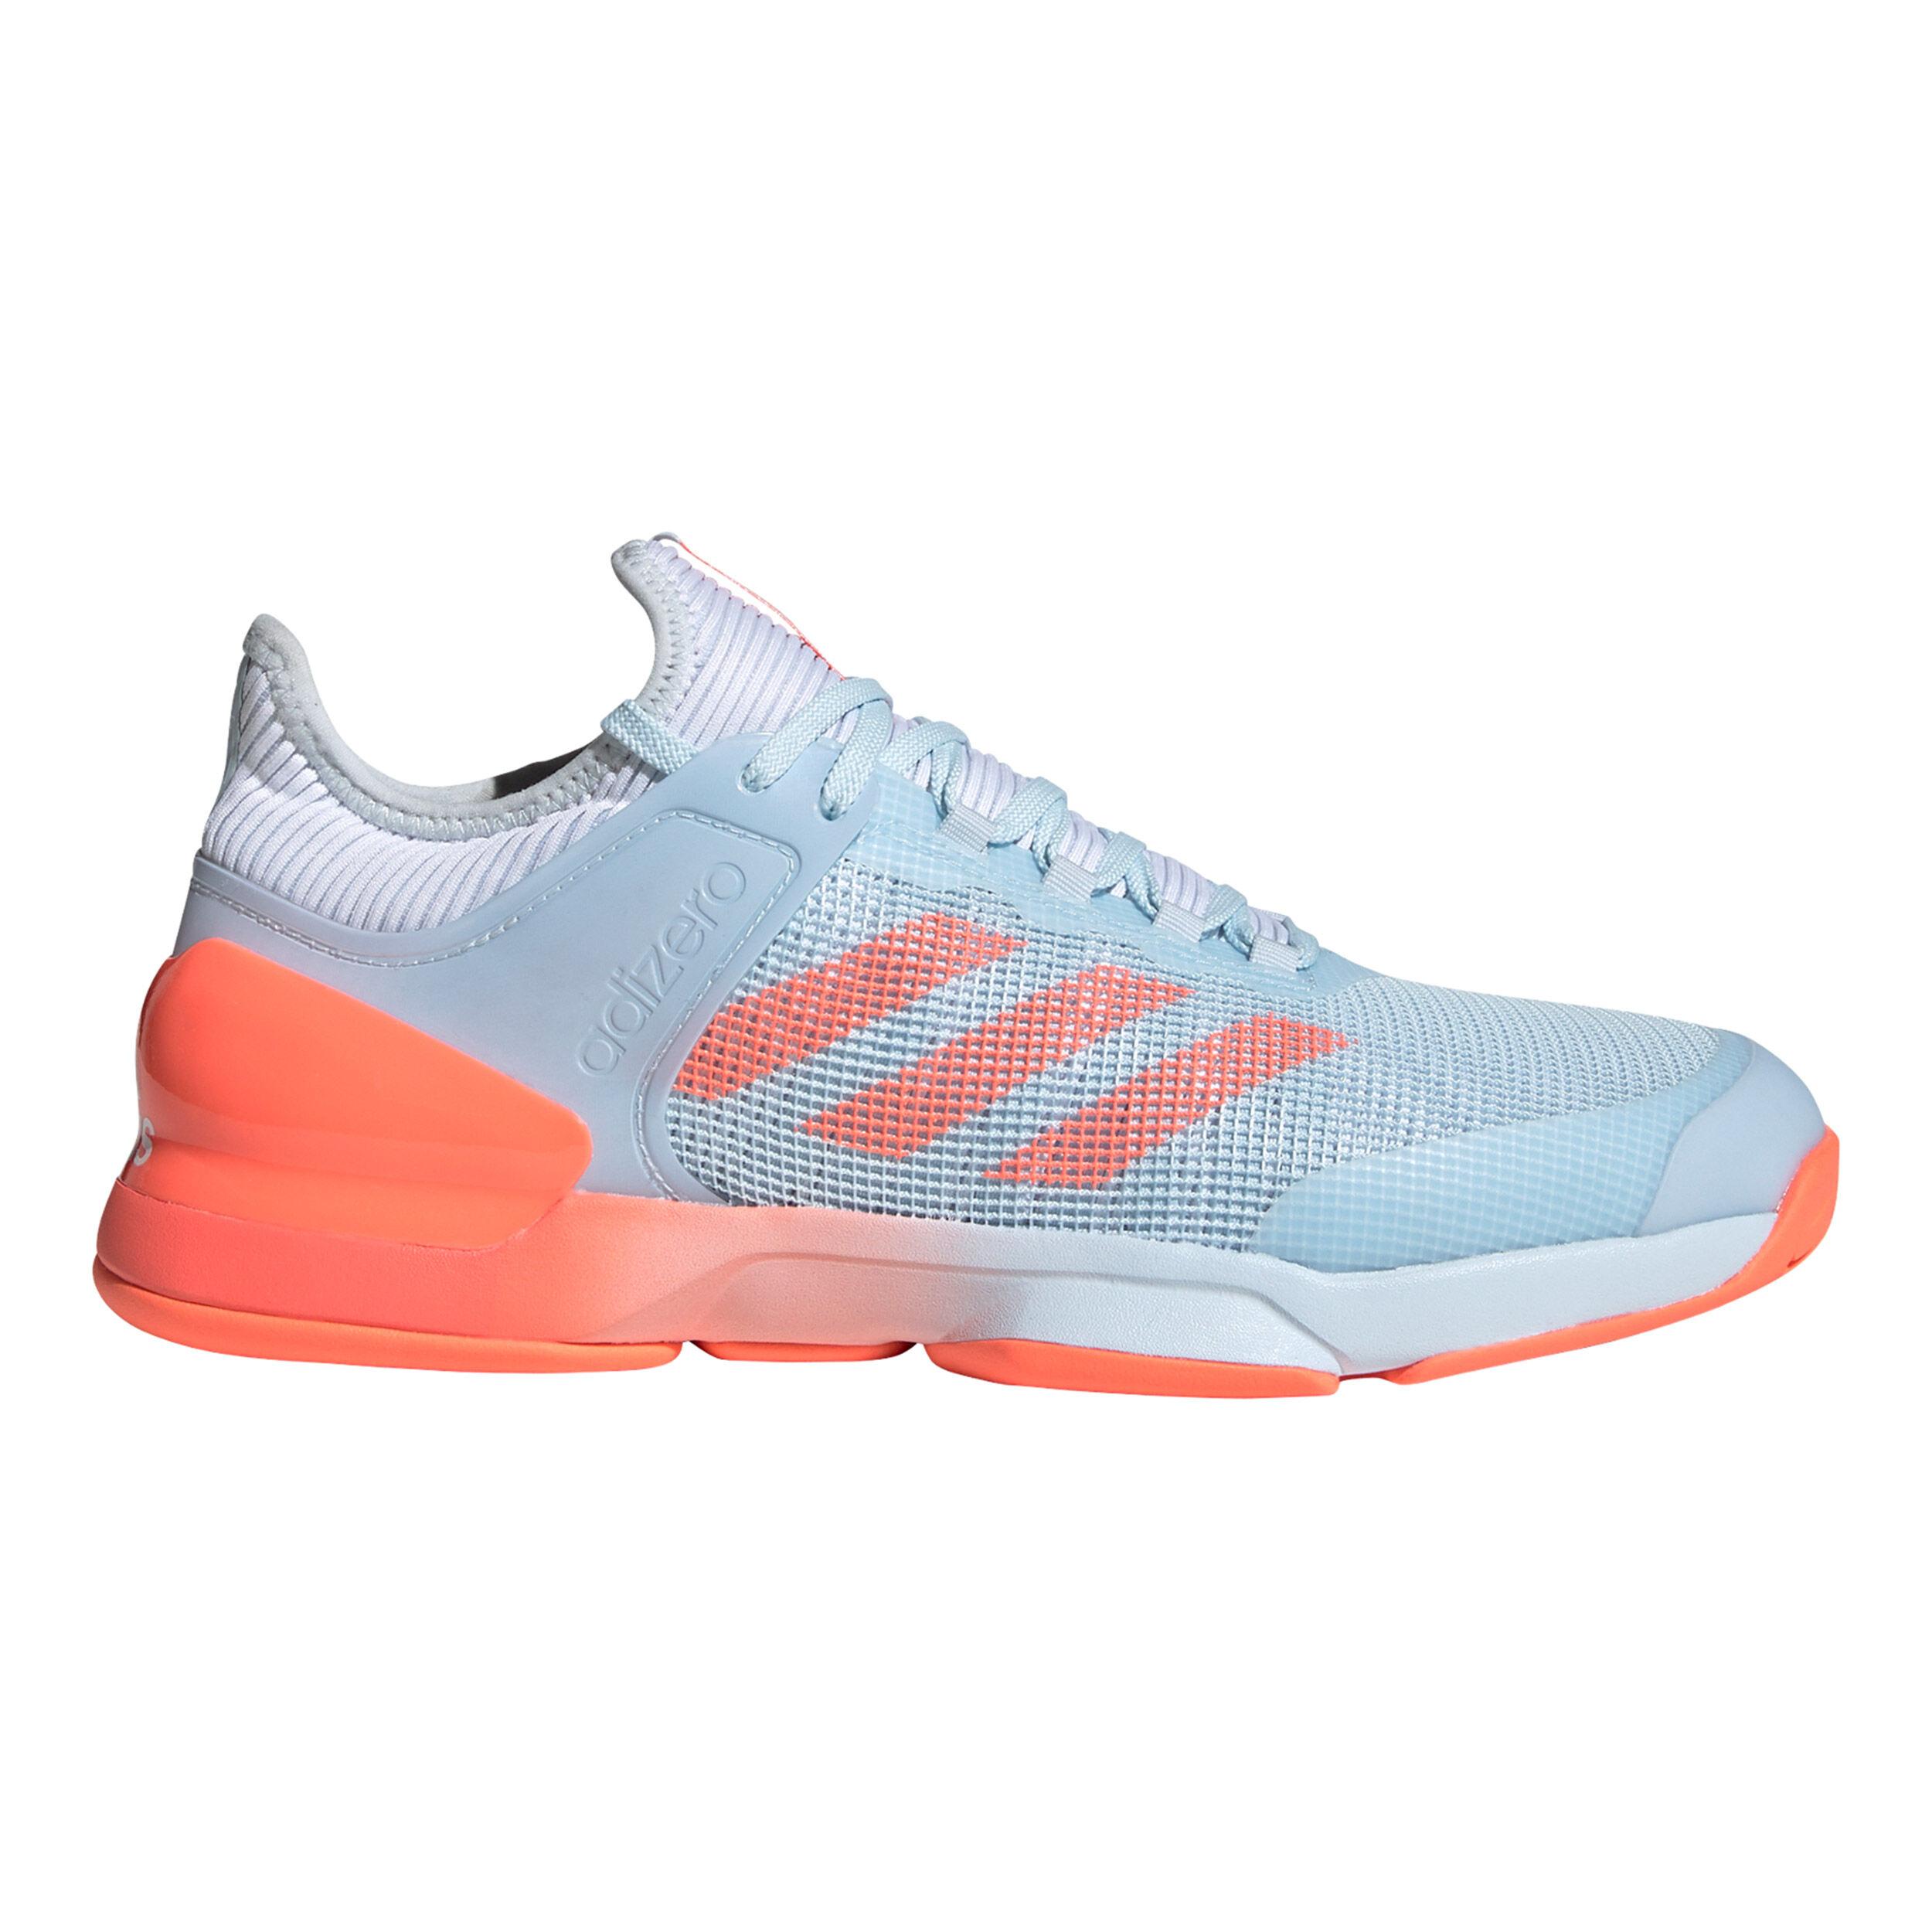 Adizero Ubersonic 2 Chaussures Toutes Surfaces Hommes Bleu Clair , C